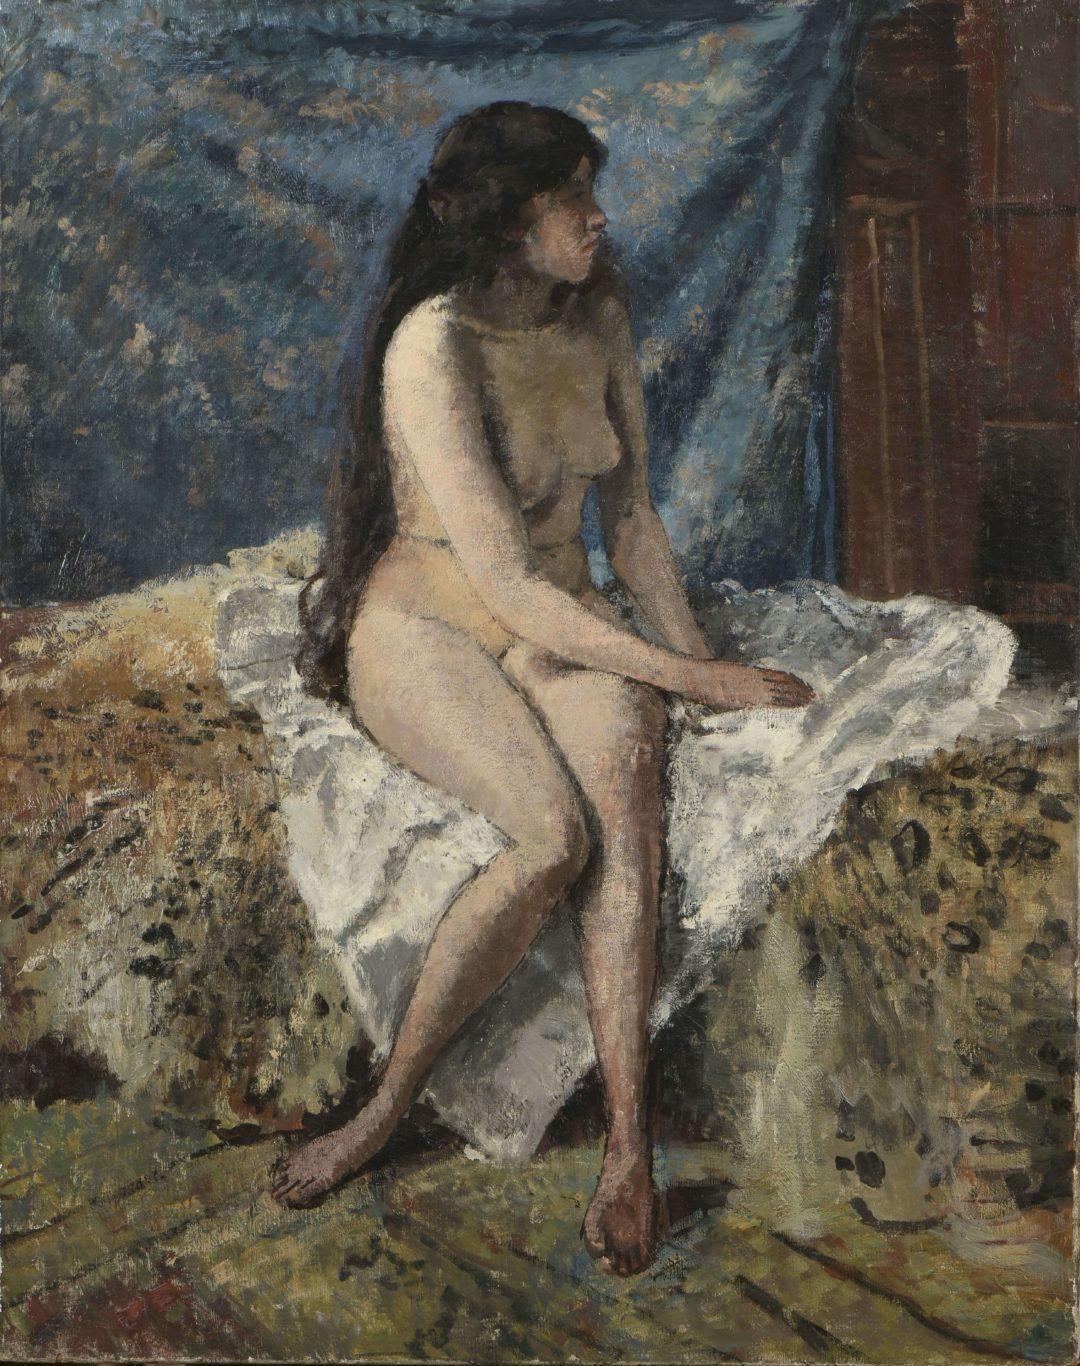 Henri Rouart